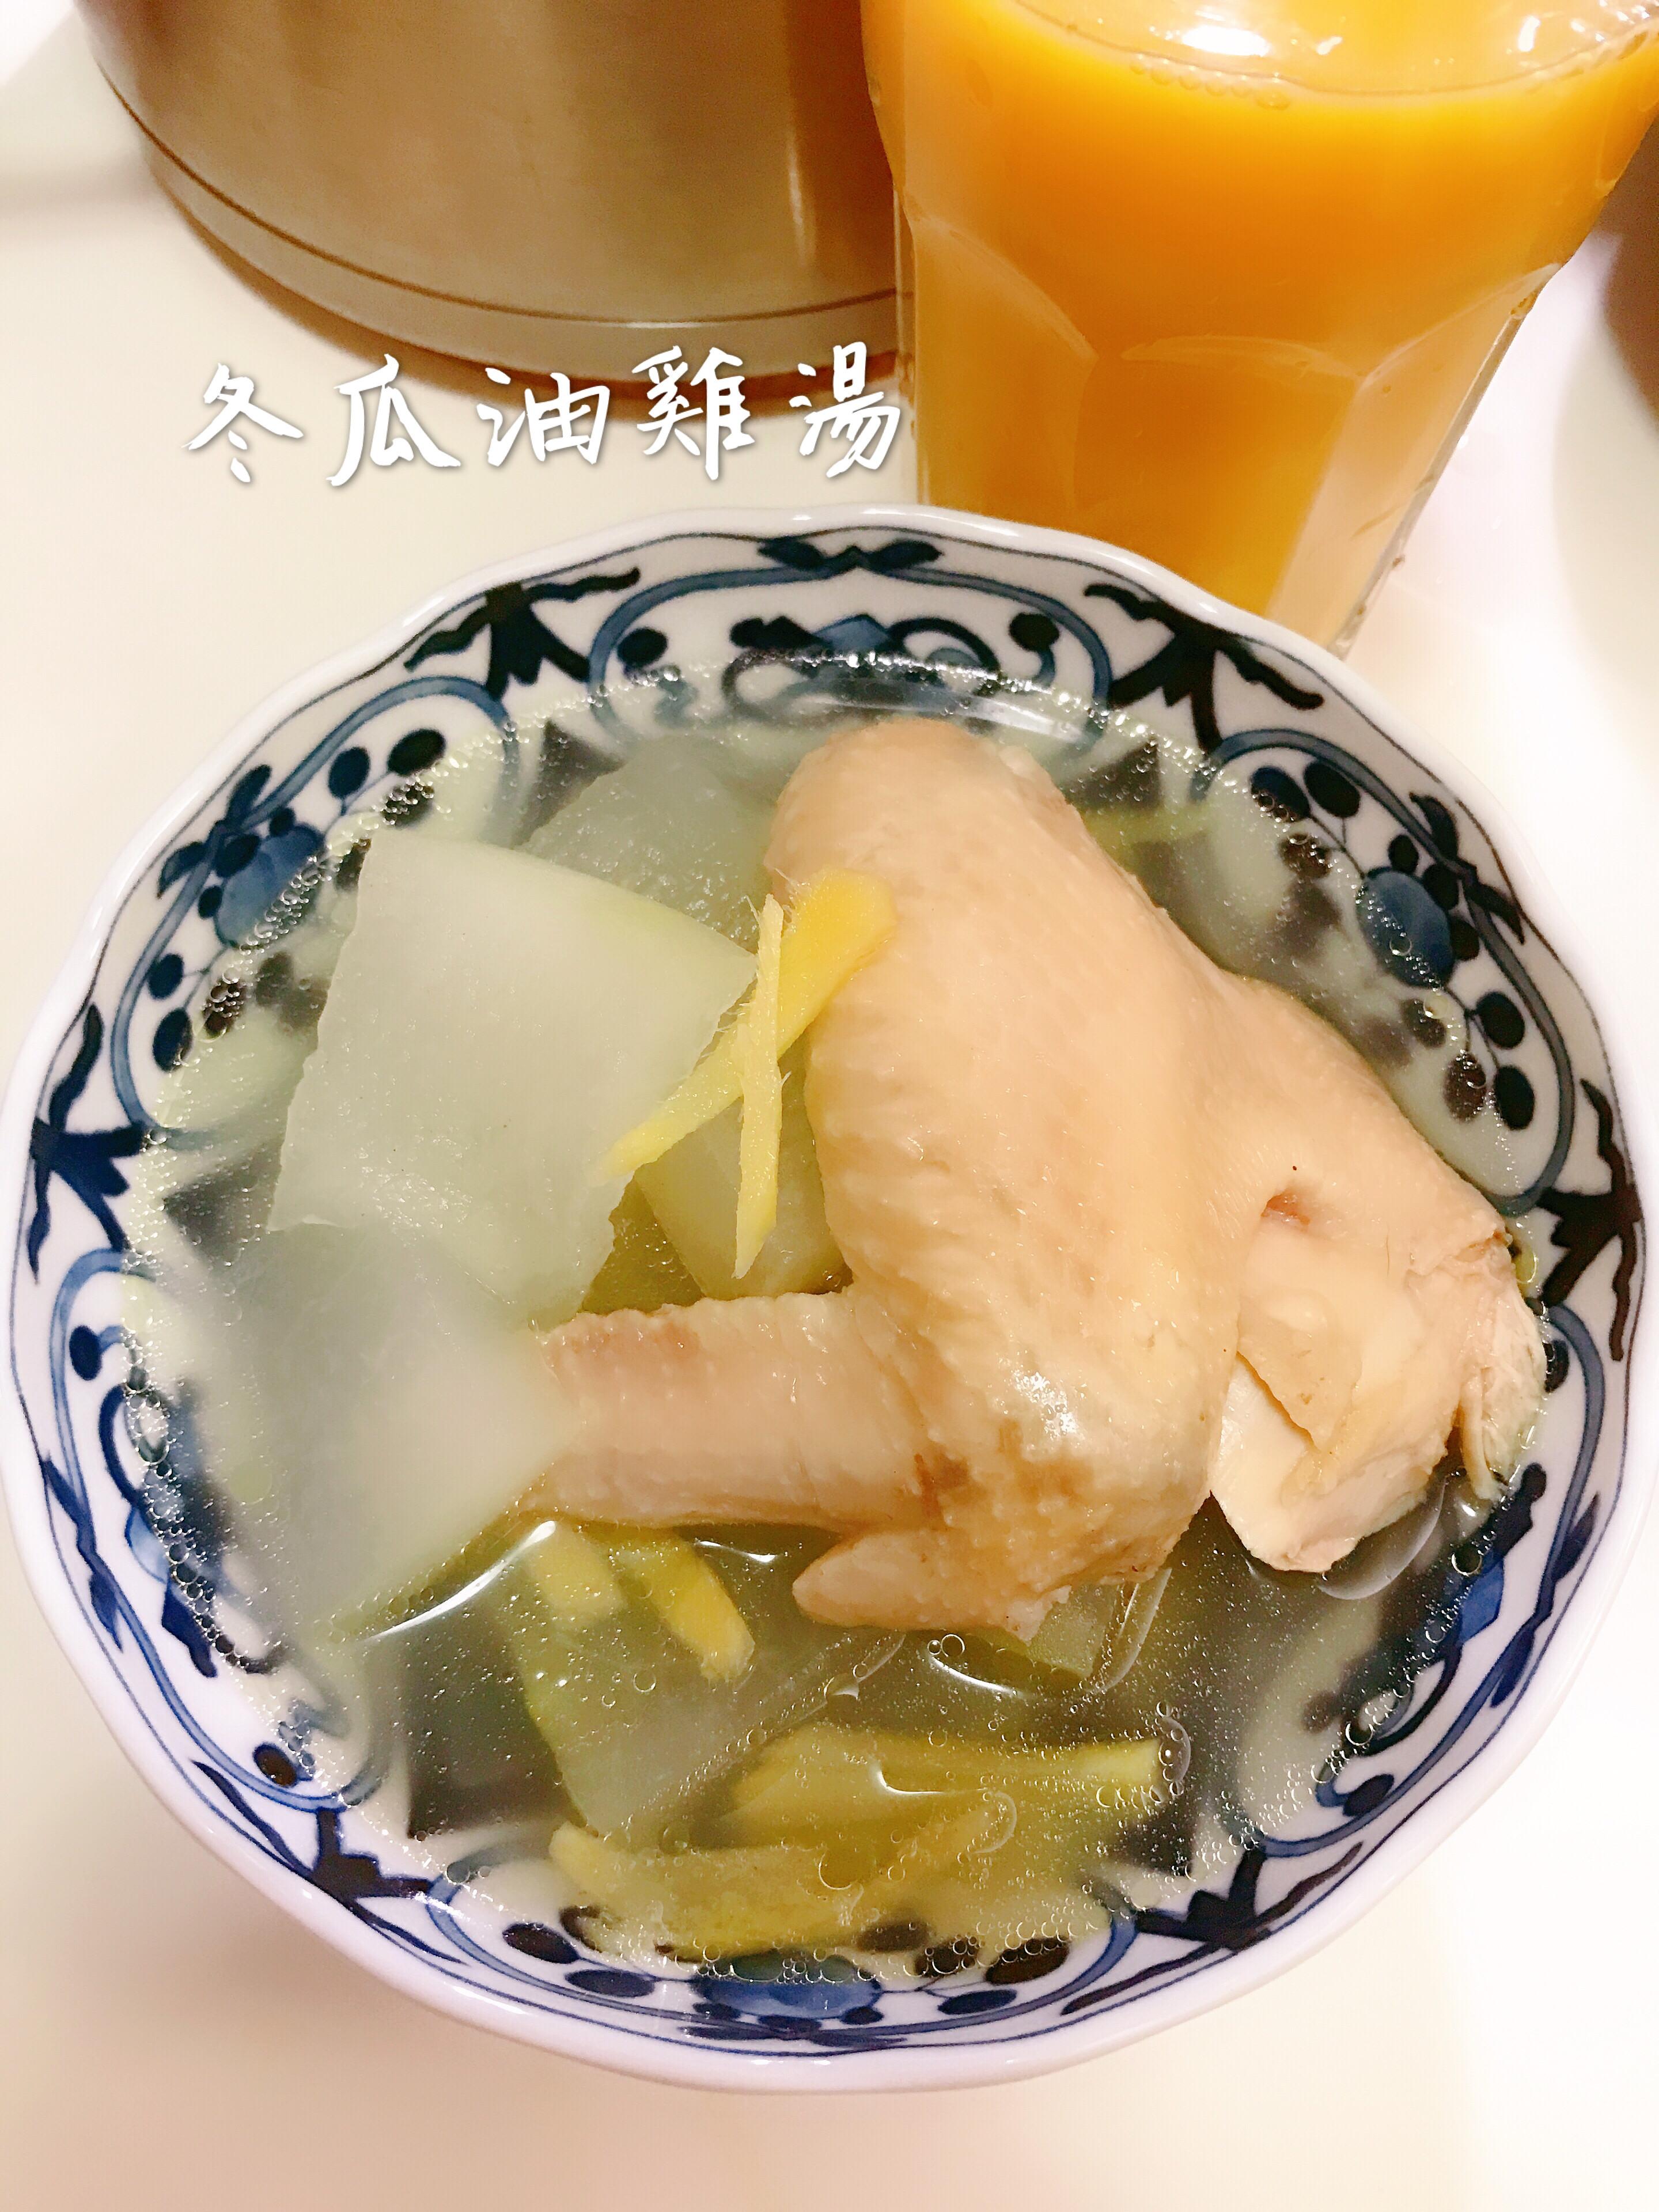 冬瓜油雞湯